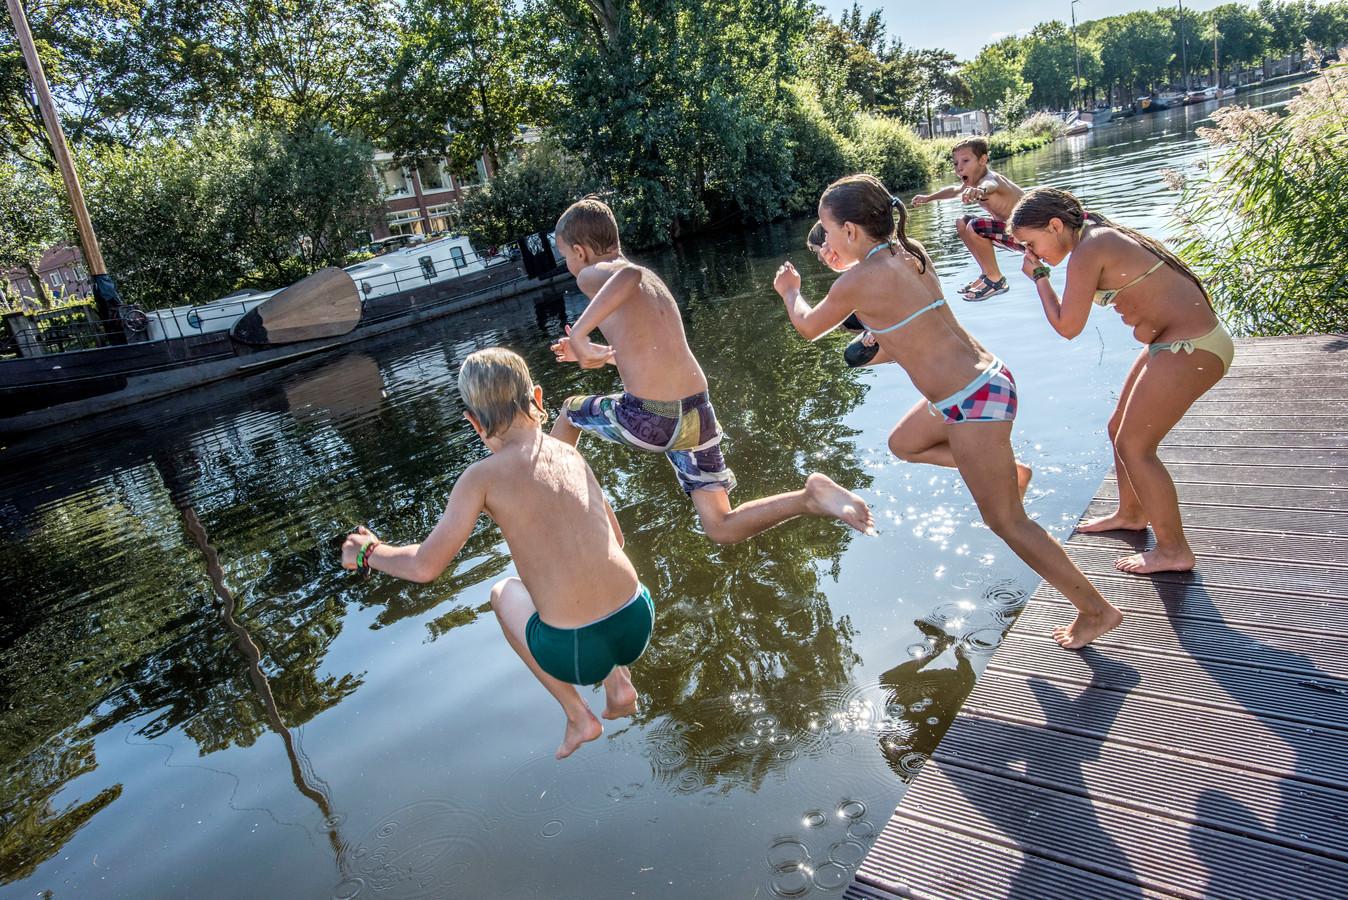 Zwemmen in de Piushaven is ontzettend populair: maar de gemeente wil het niet langer gedogen.